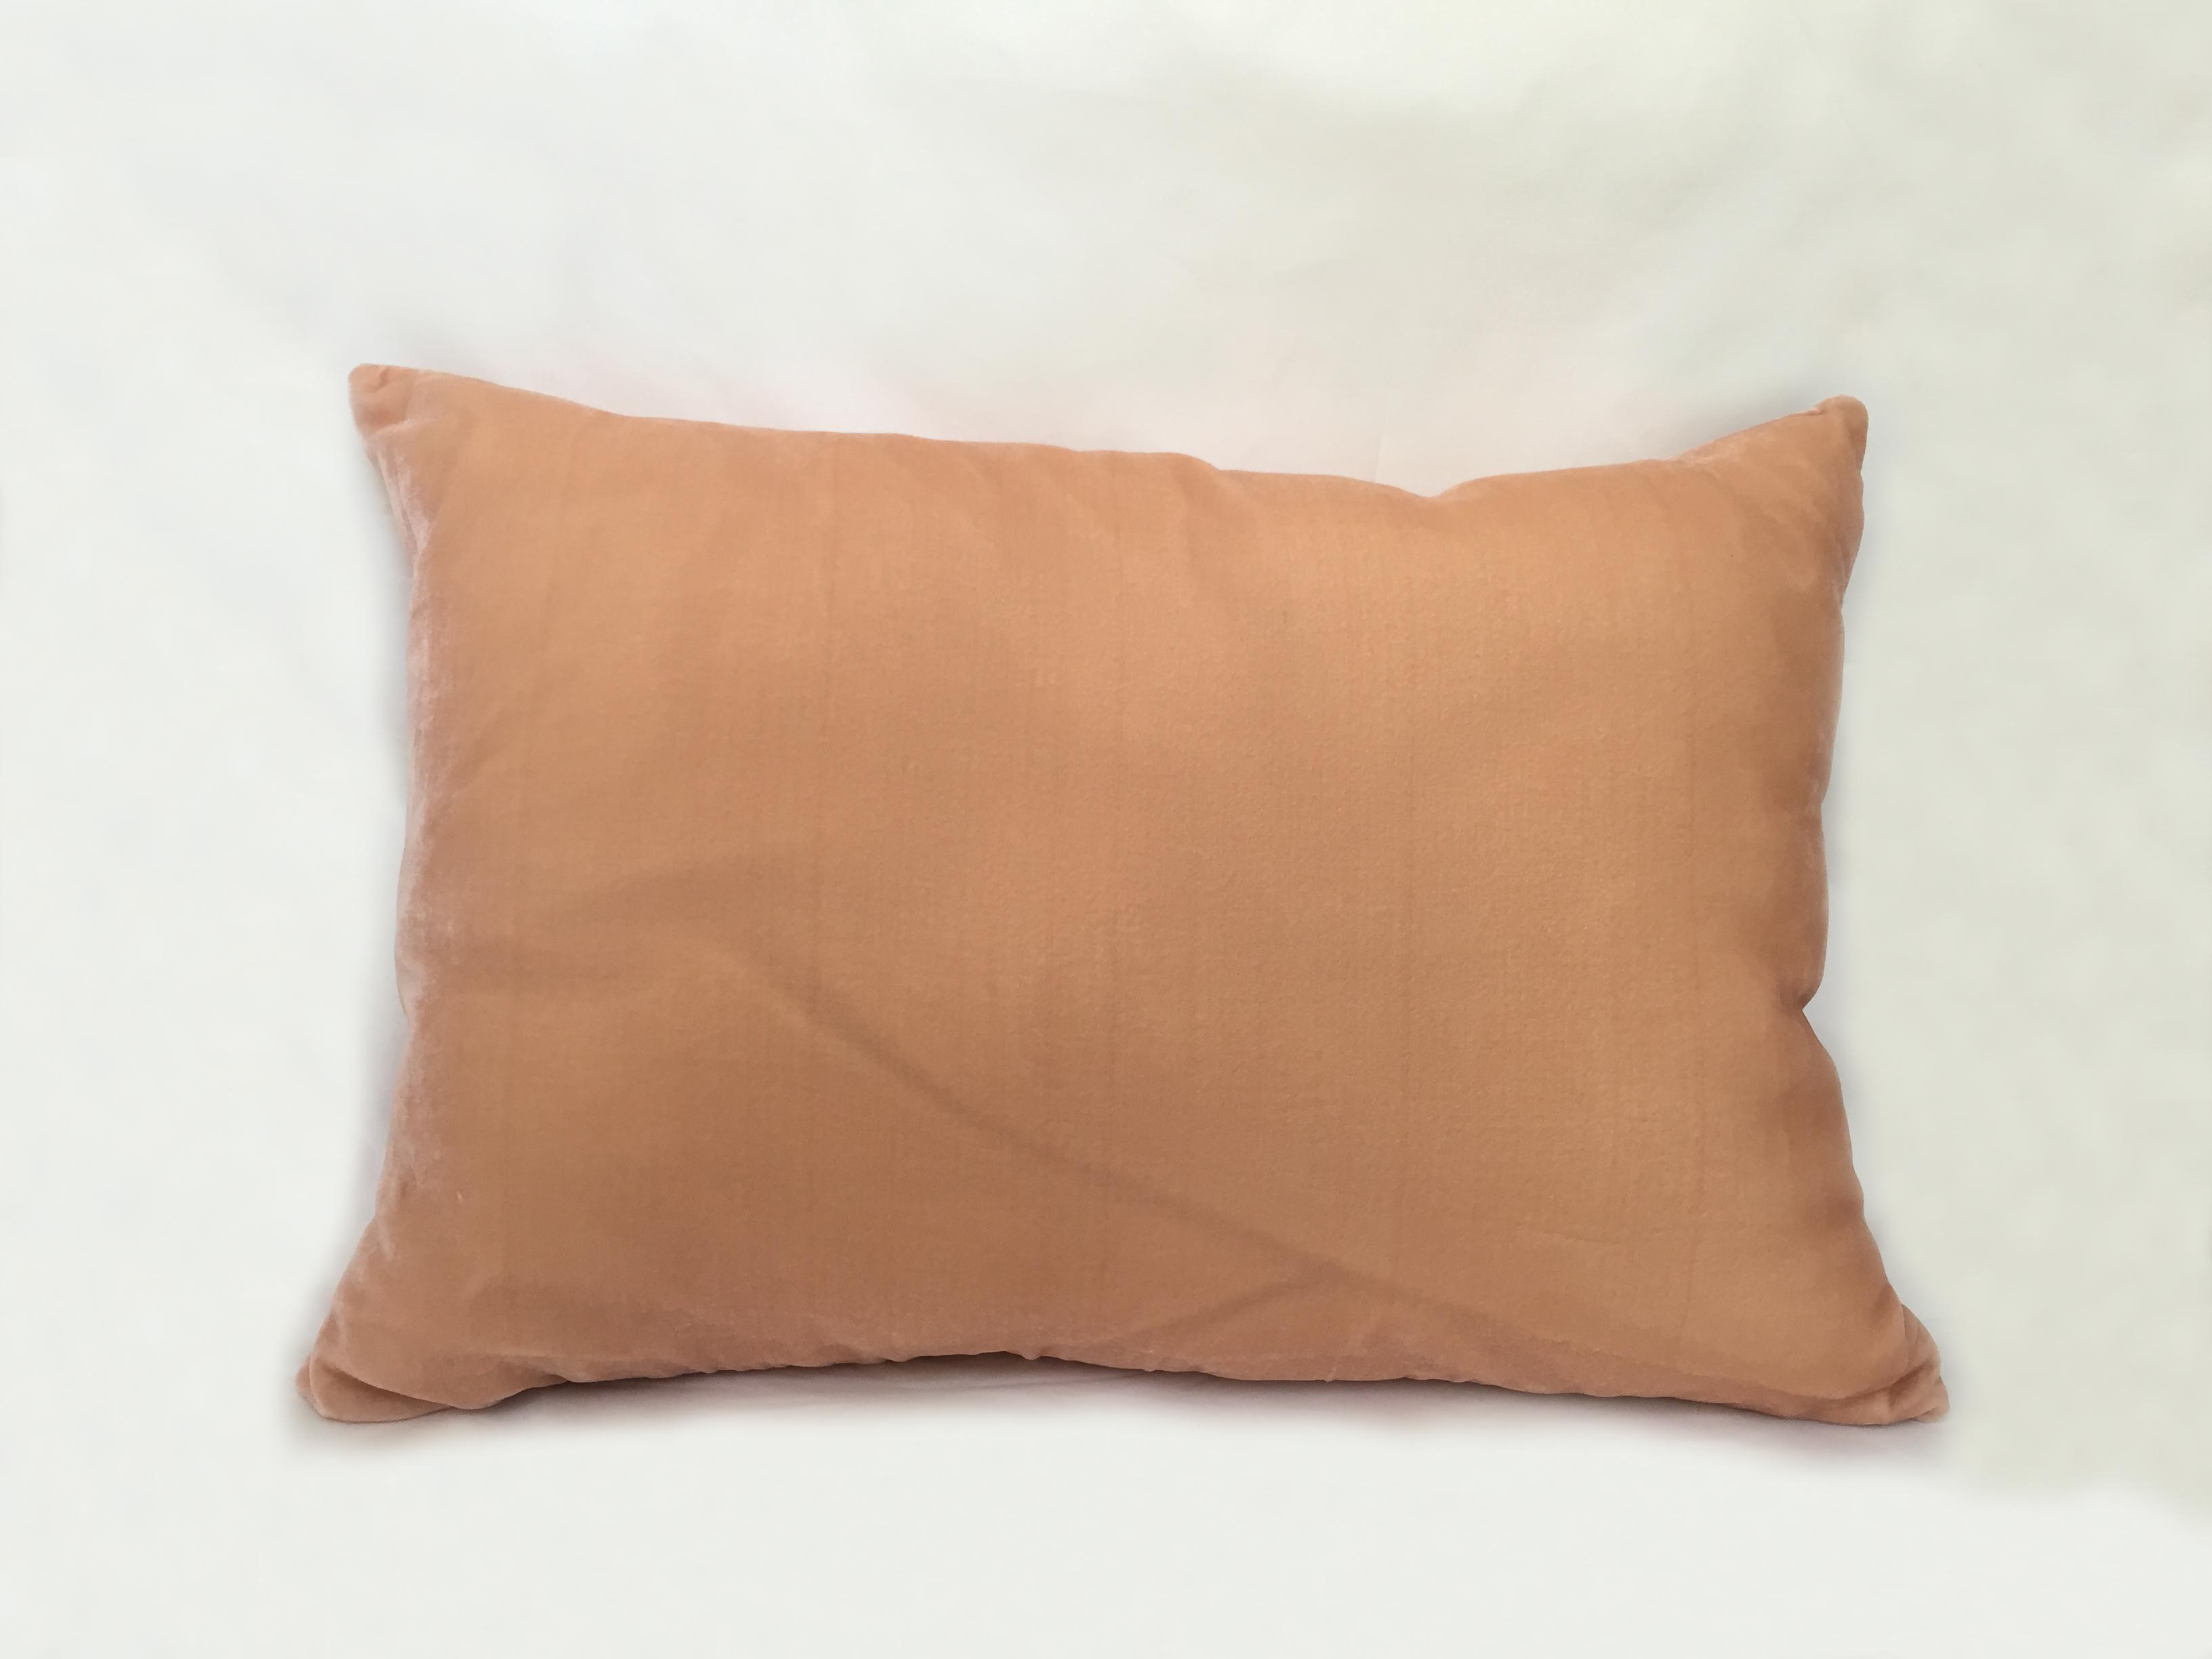 Almohadón de terciopelo, rectangular, durazno